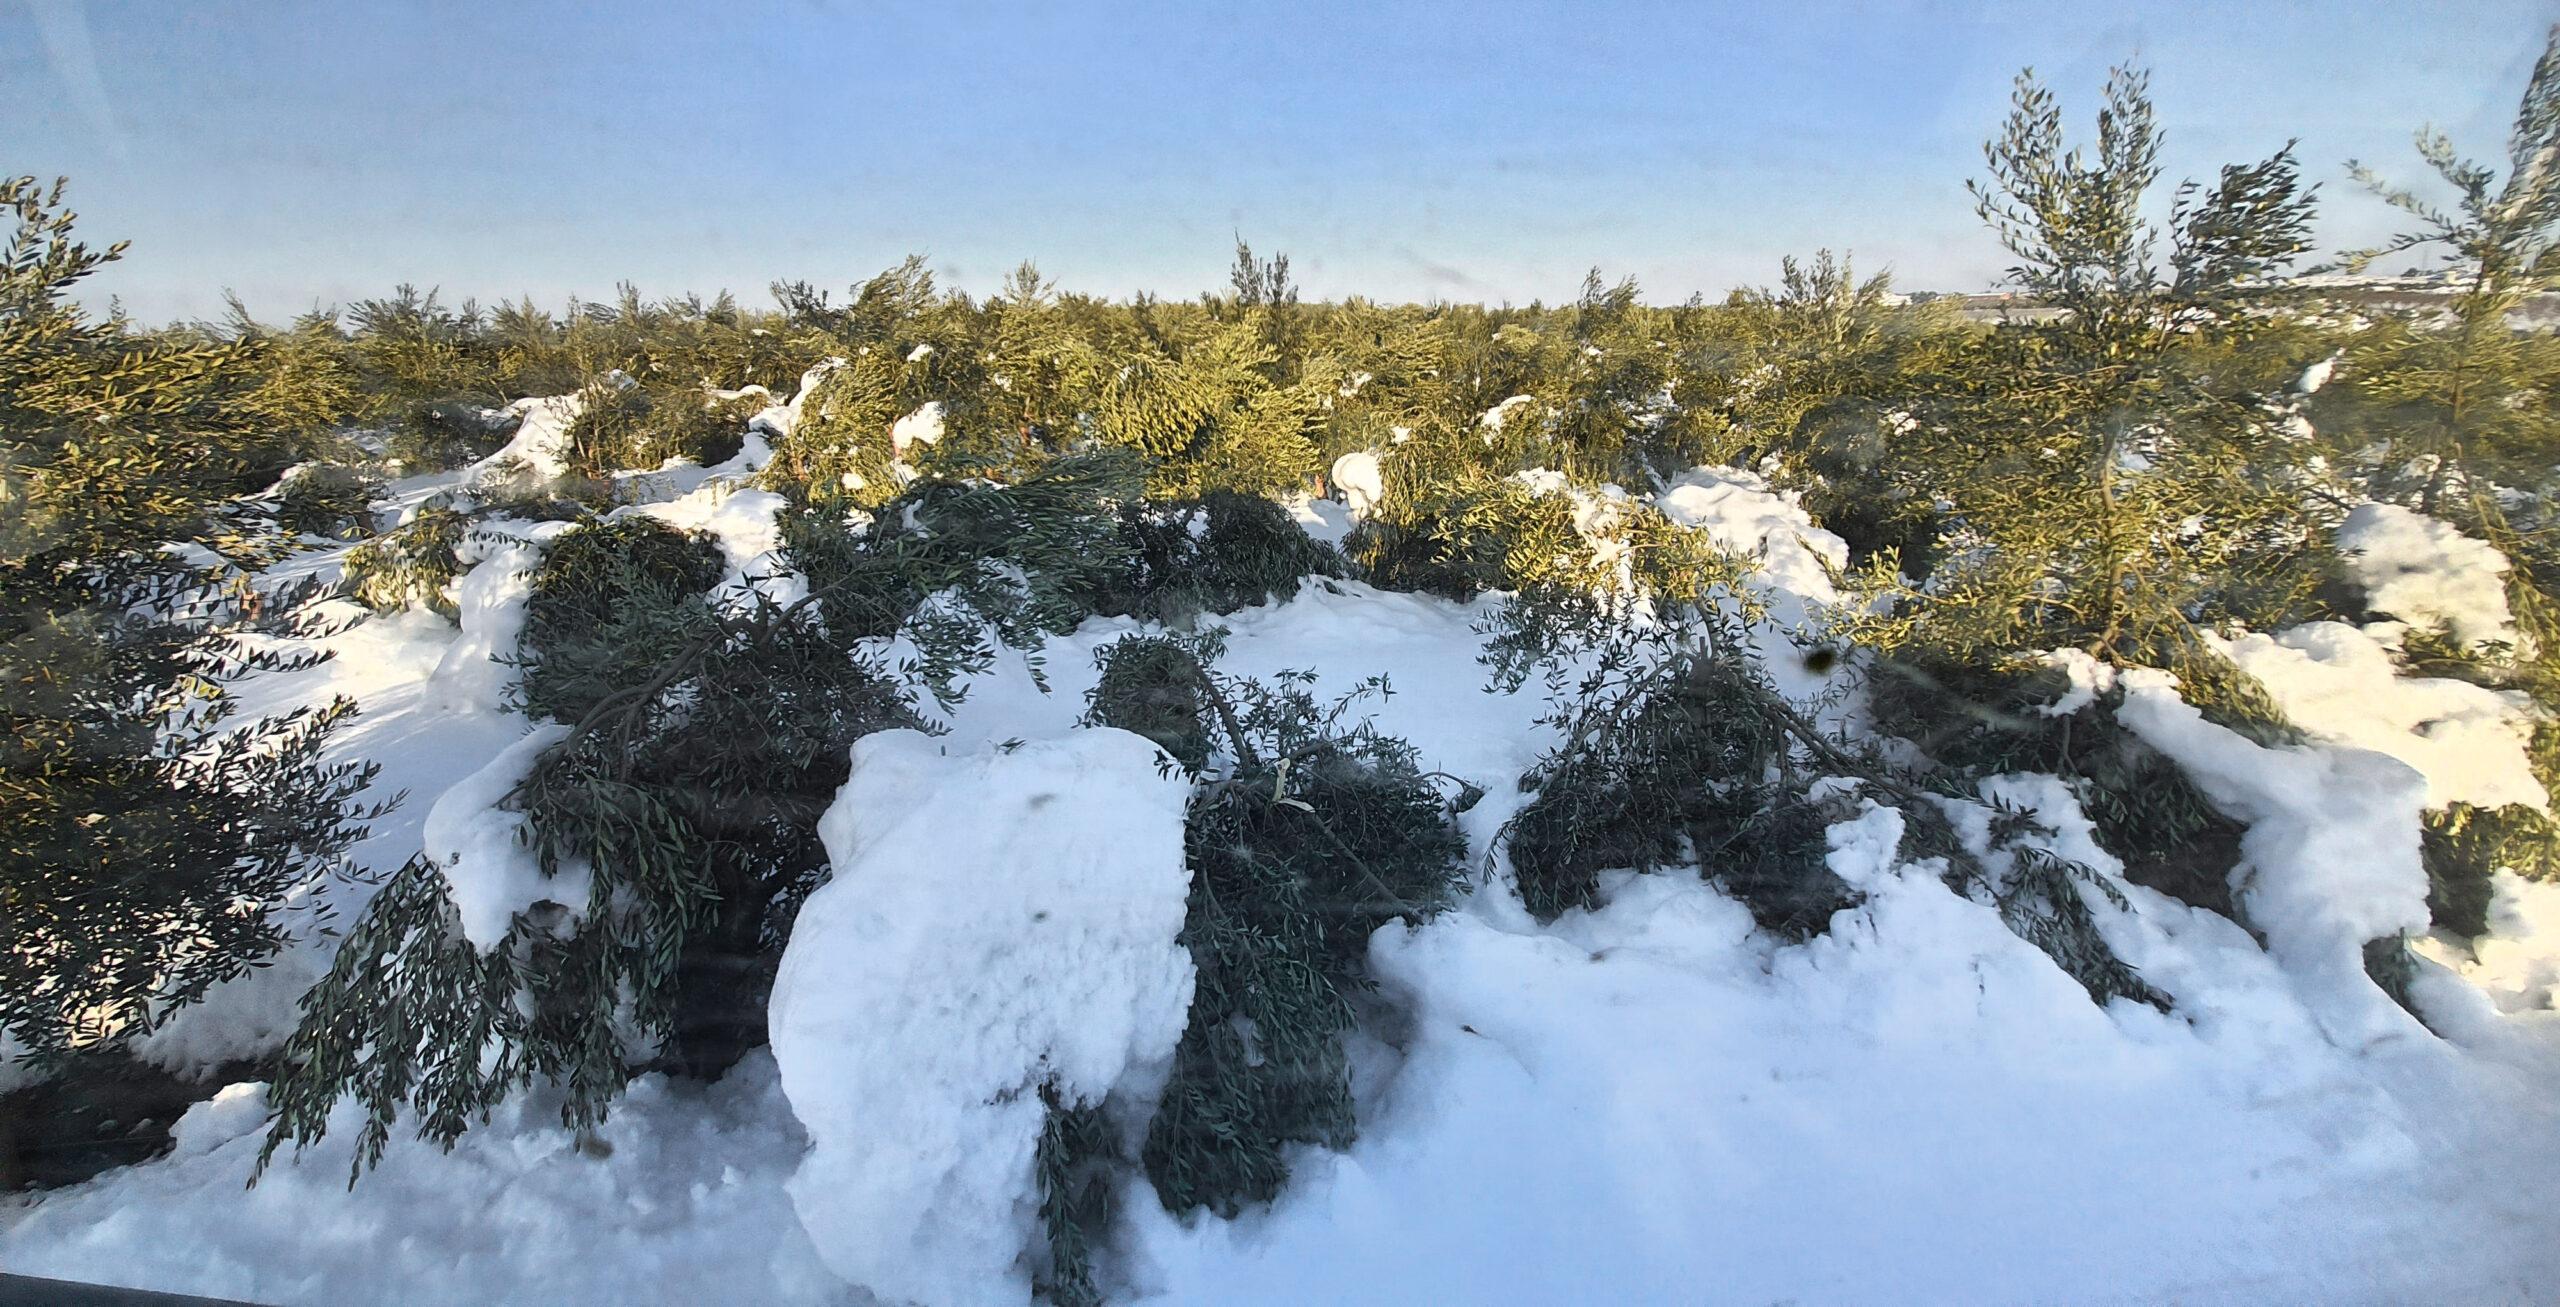 Oliveres malmeses per la nevada a la DOP Les Garrigues | DOP Les Garrigues